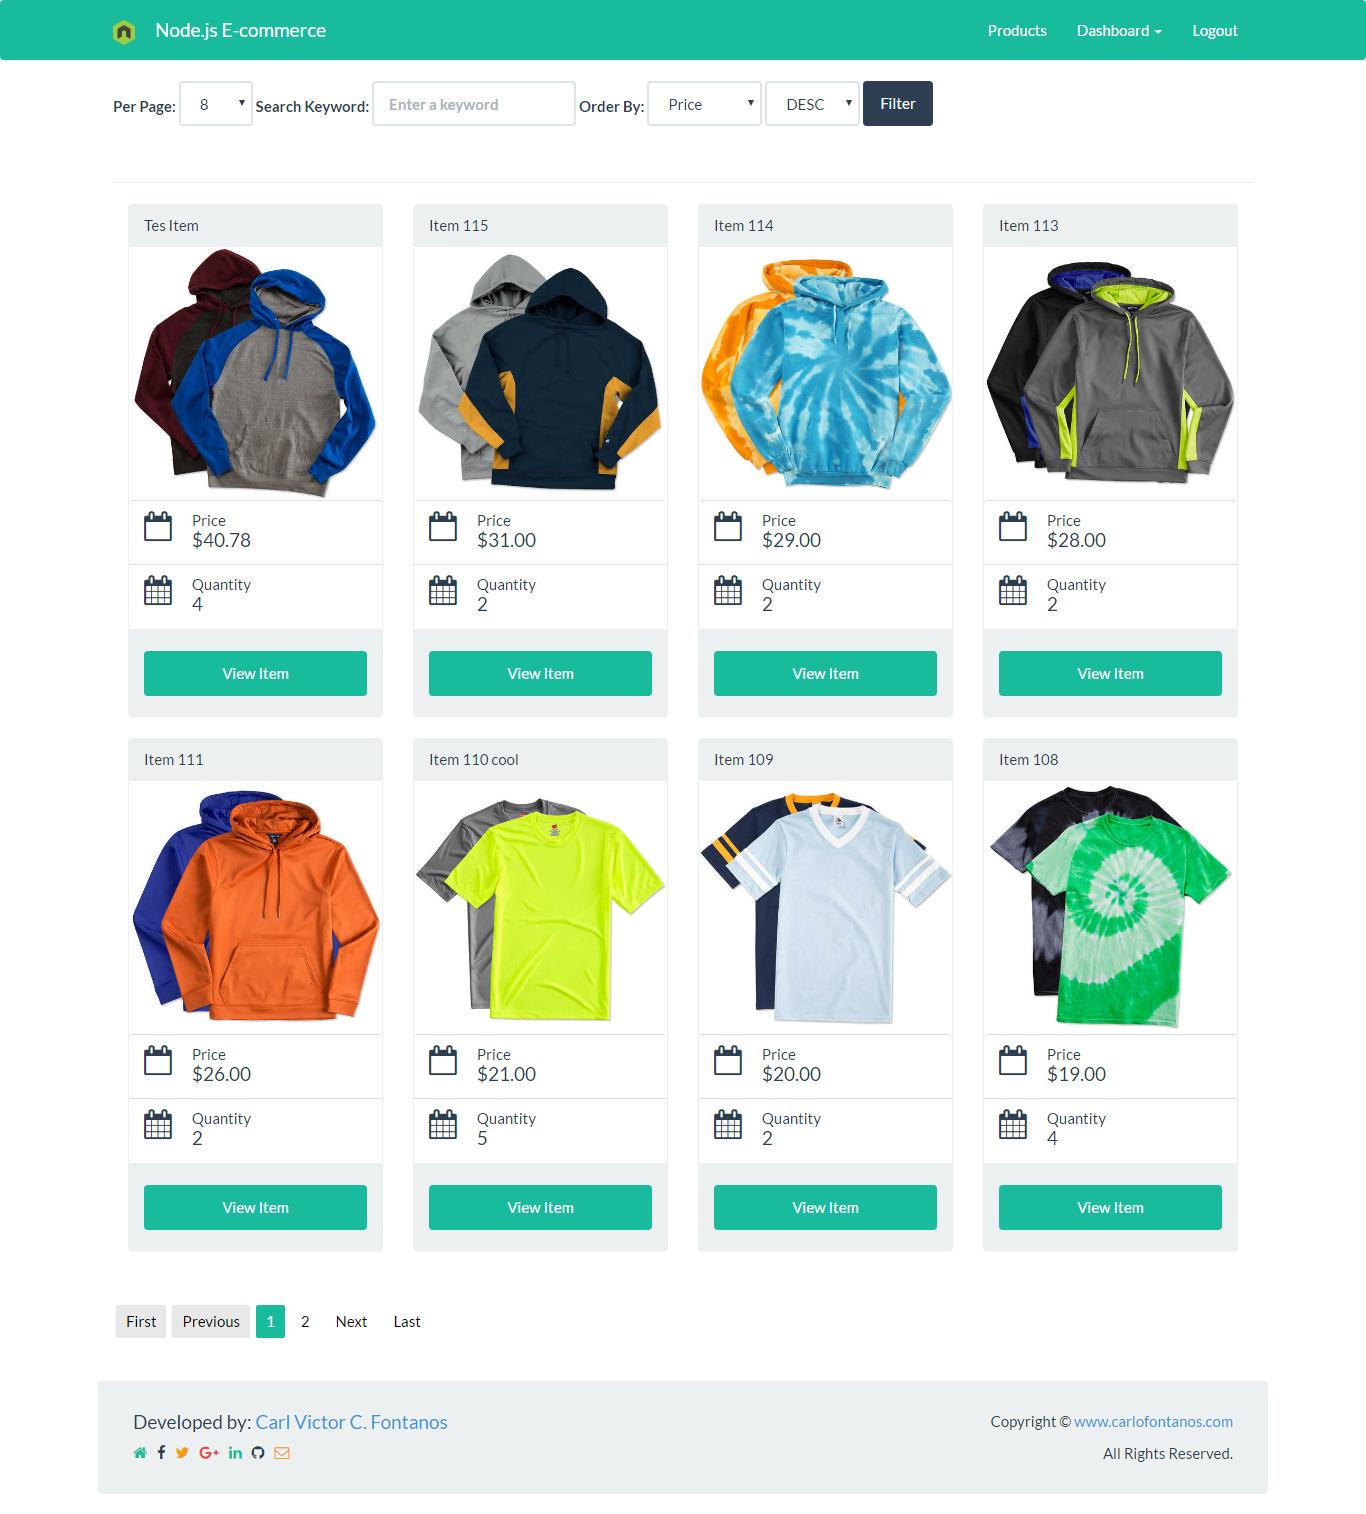 Node js E-commerce